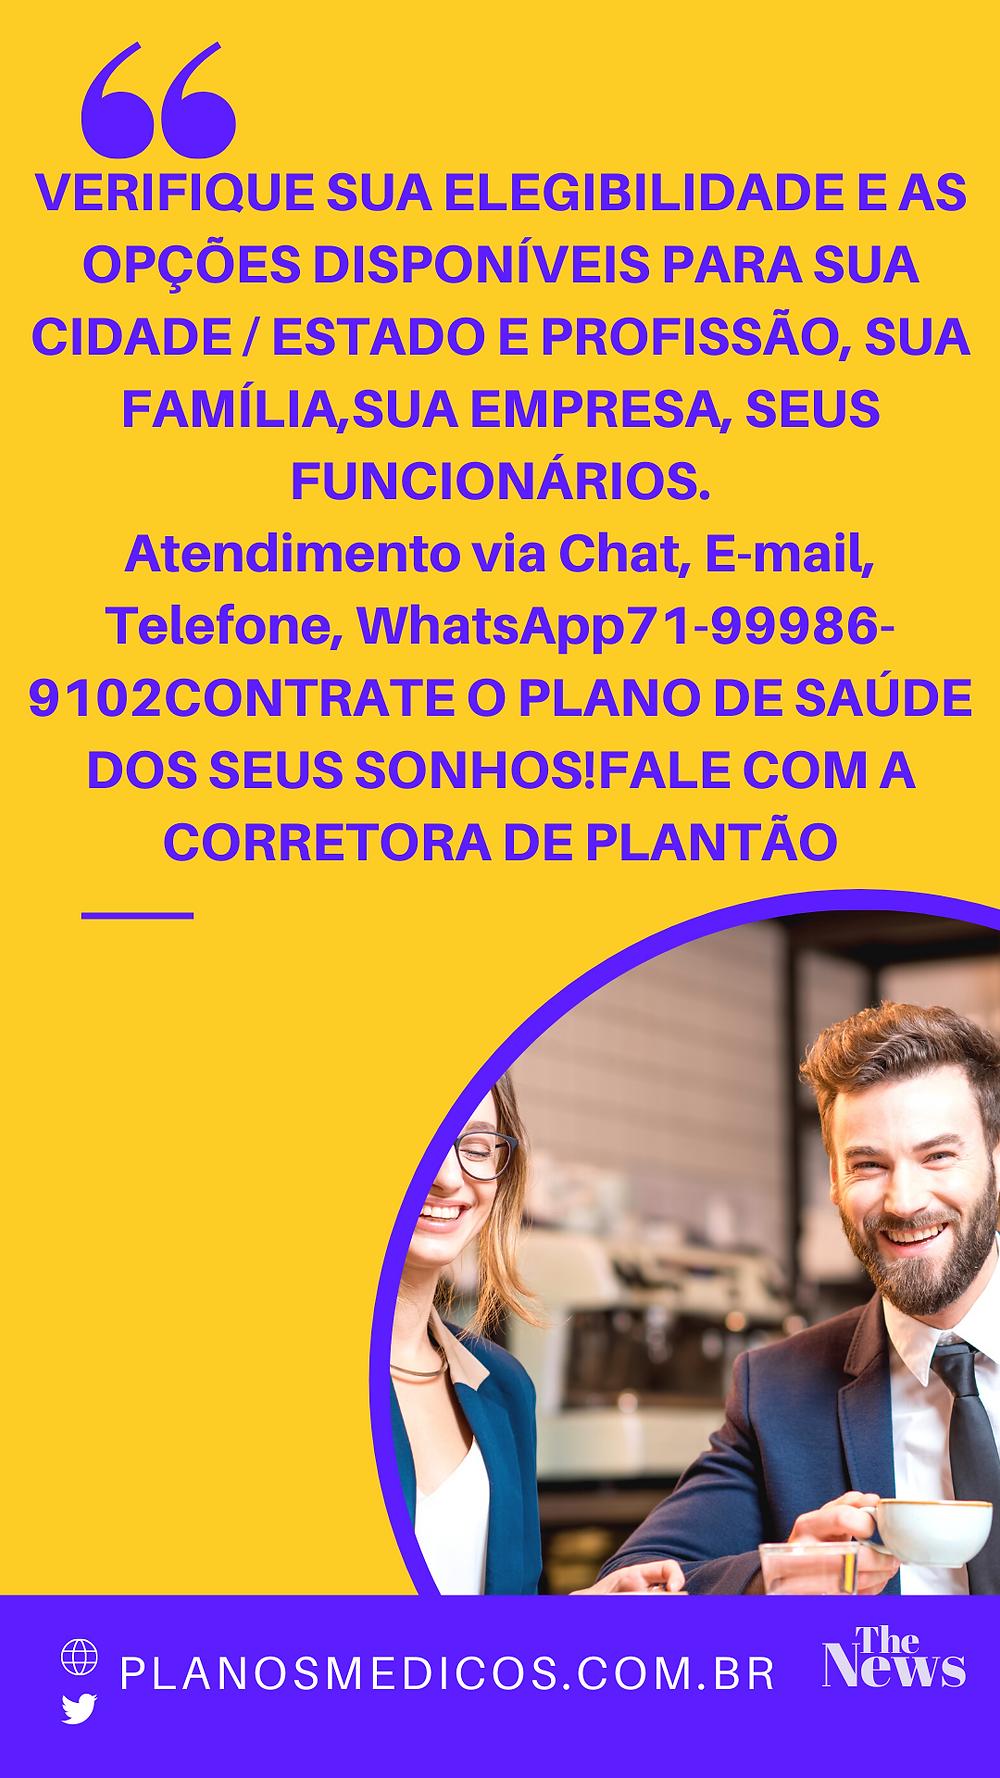 Corretor Venda Digital Qualicorp, CORRETORES VENDAS DE PLANOS DE SAUDE